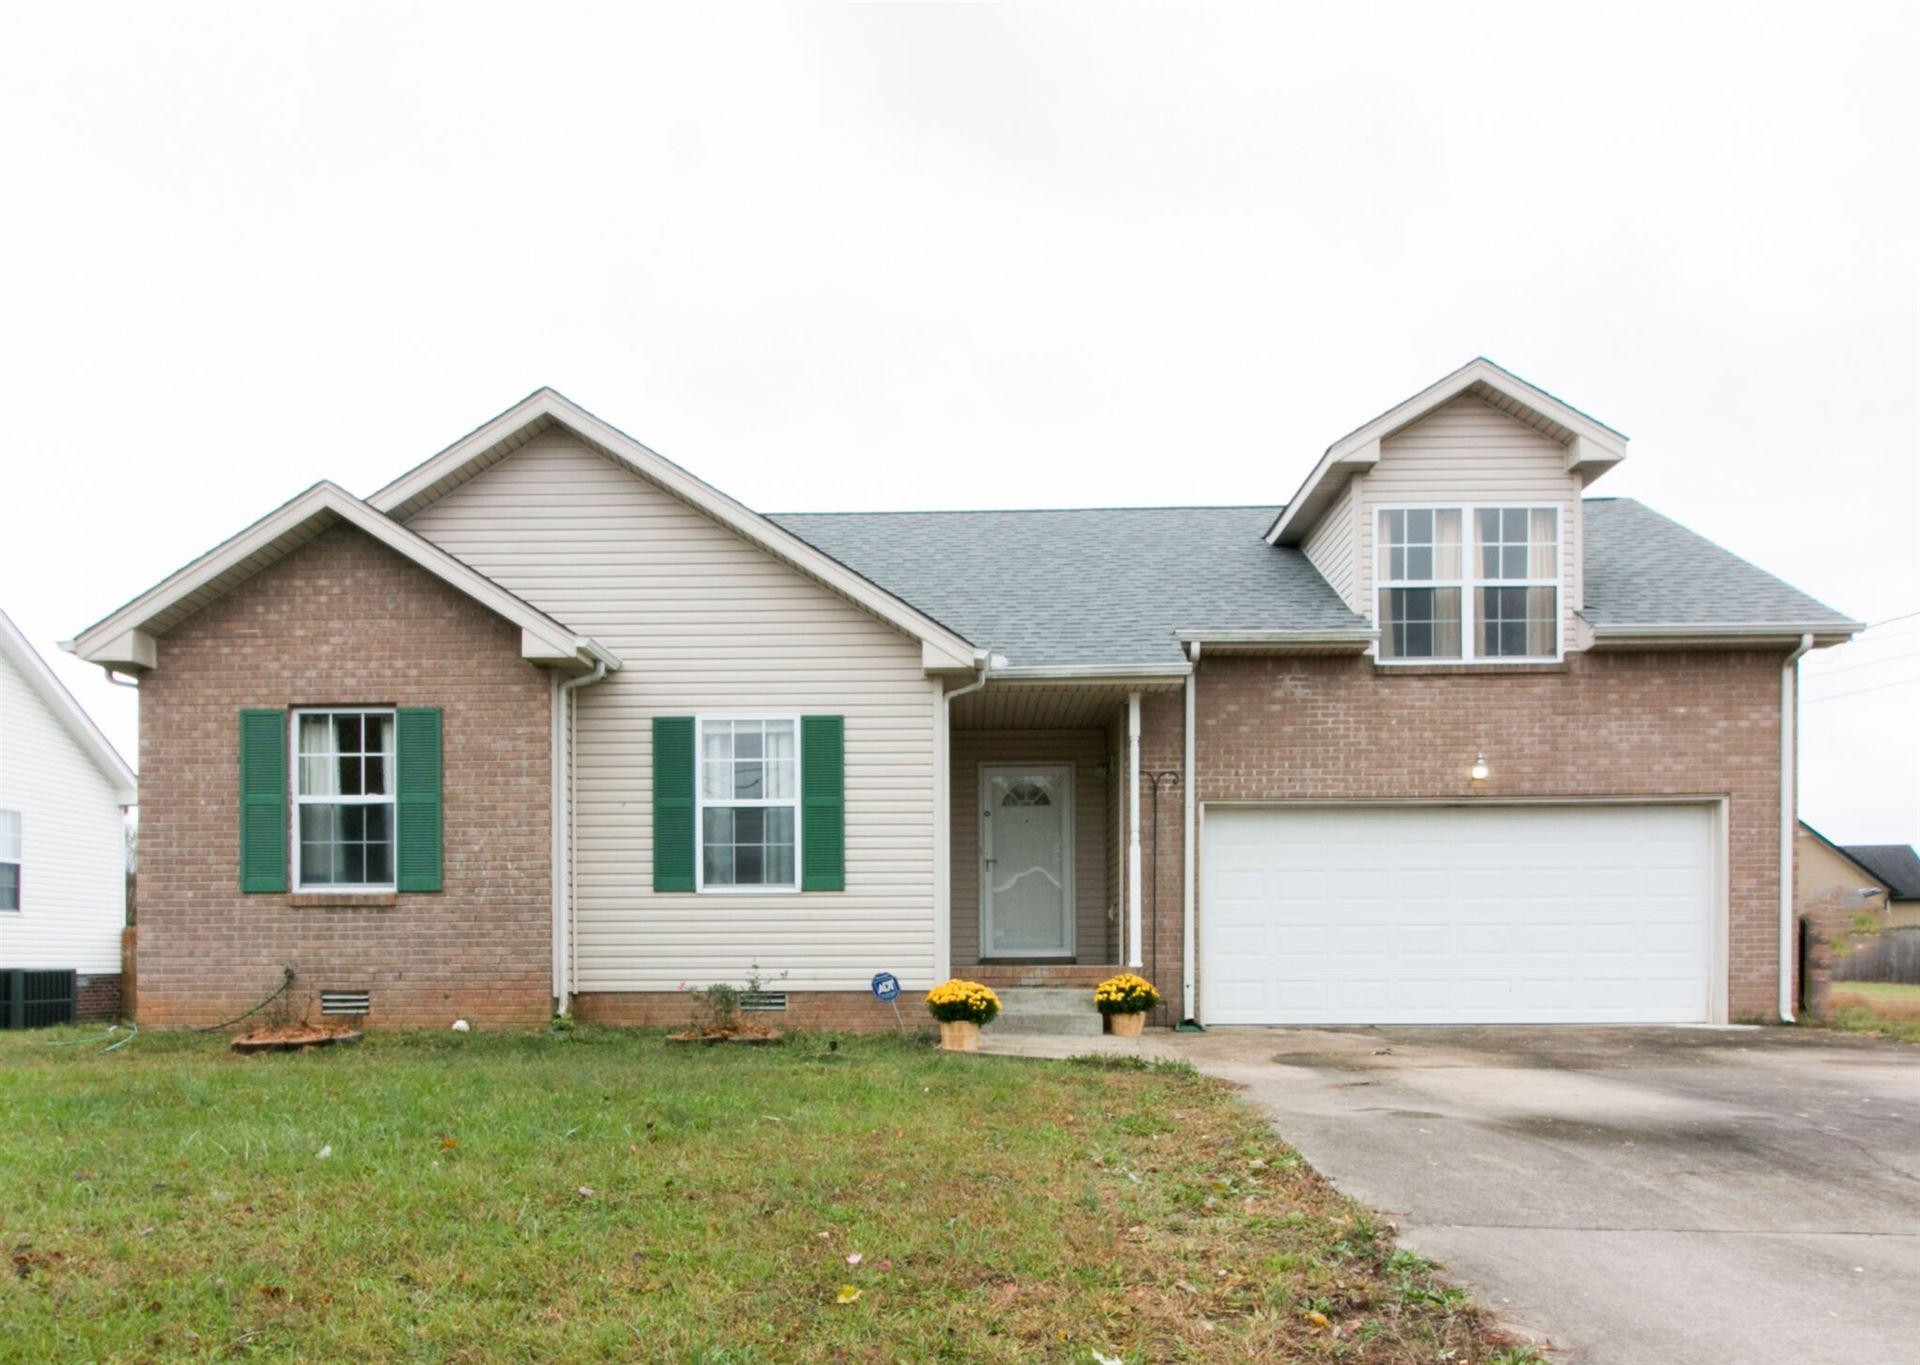 1086 Gunpoint Dr, Clarksville, TN 37042 - MLS#: 2203059